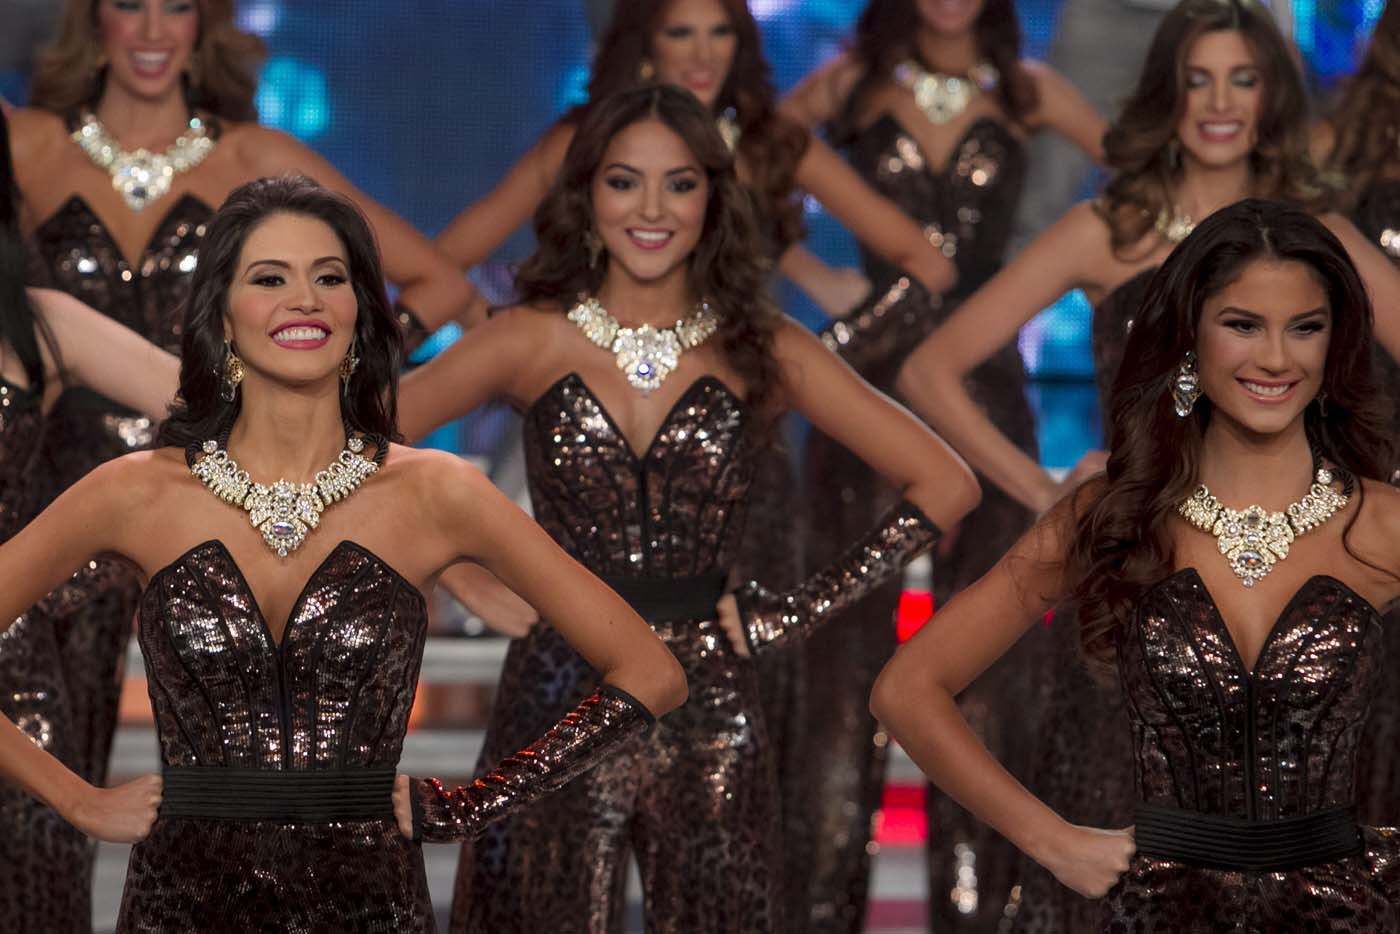 Lo que dijo Alicia Machado sobre el escándalo del Miss Venezuela